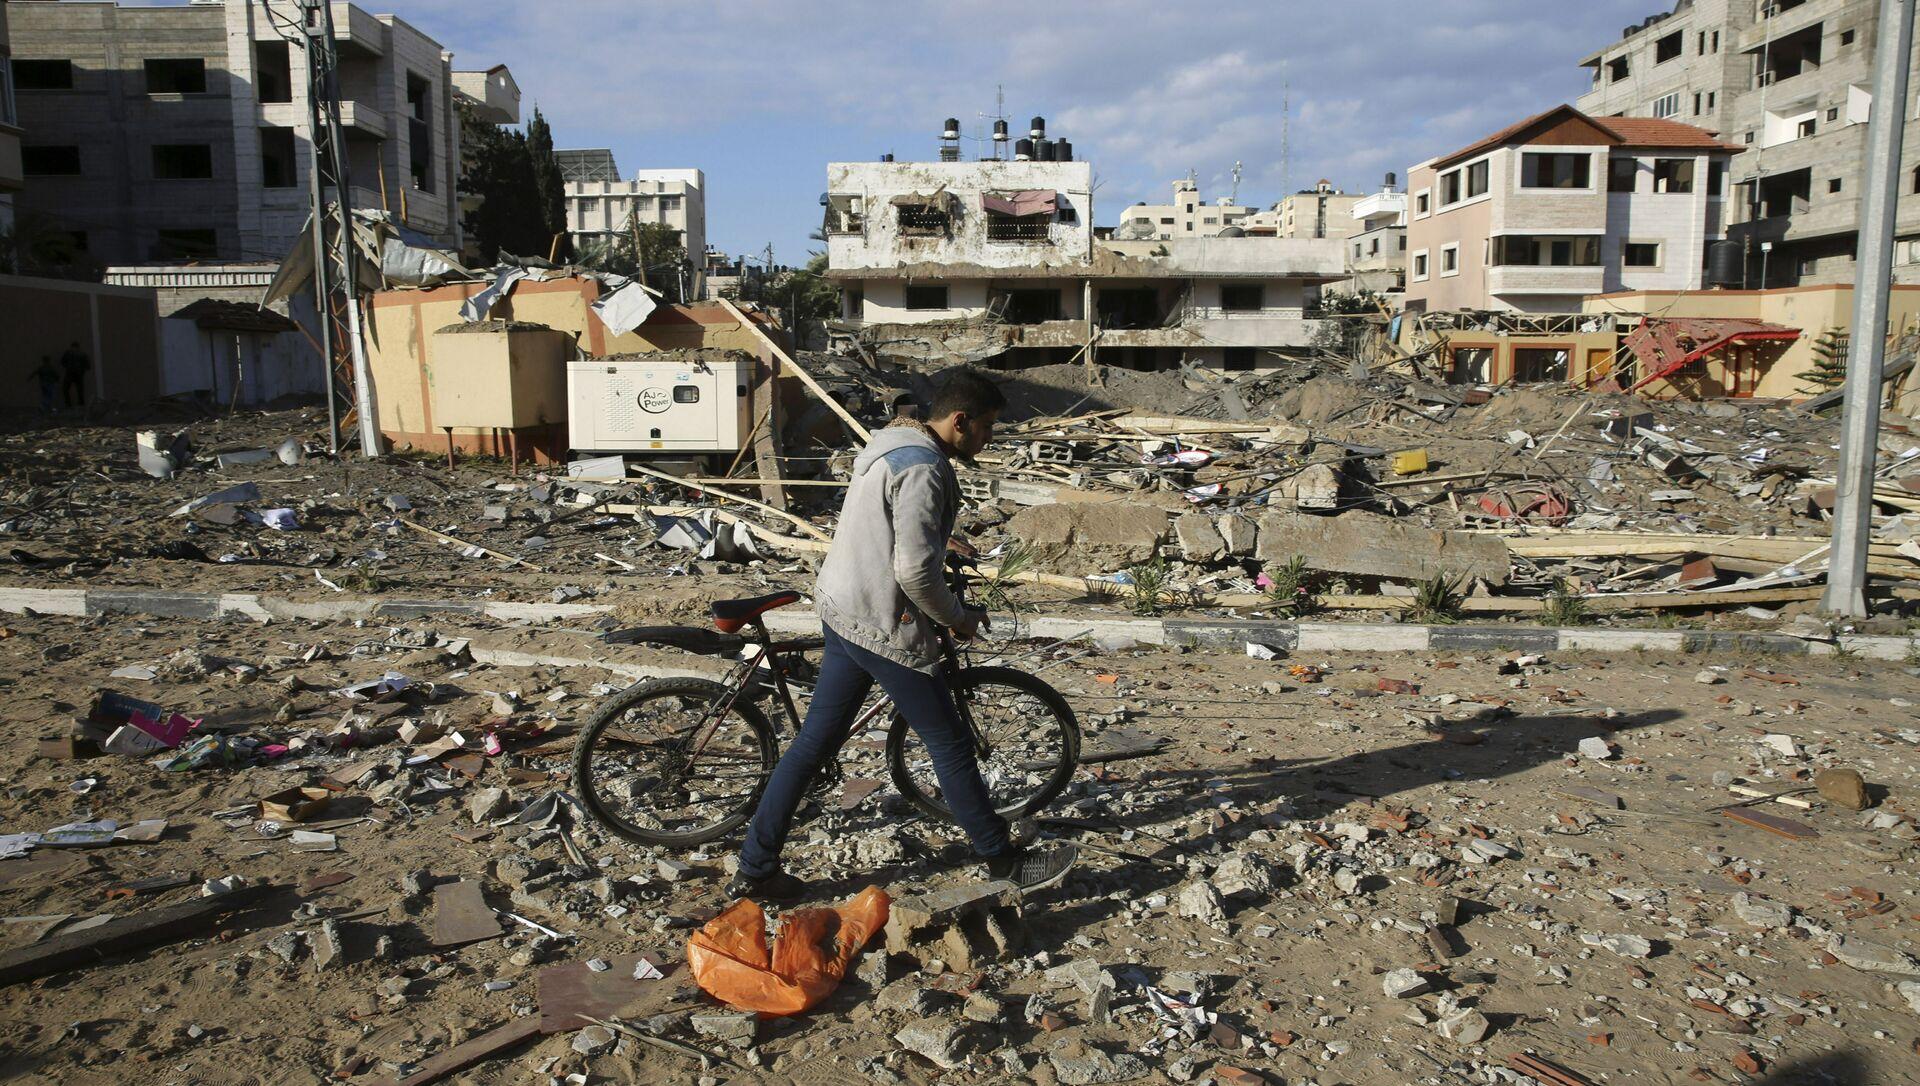 Mieszkaniec Strefy Gazy obok zburzonego budynku Hamasu po izraelskim ataku  - Sputnik Polska, 1920, 17.05.2021